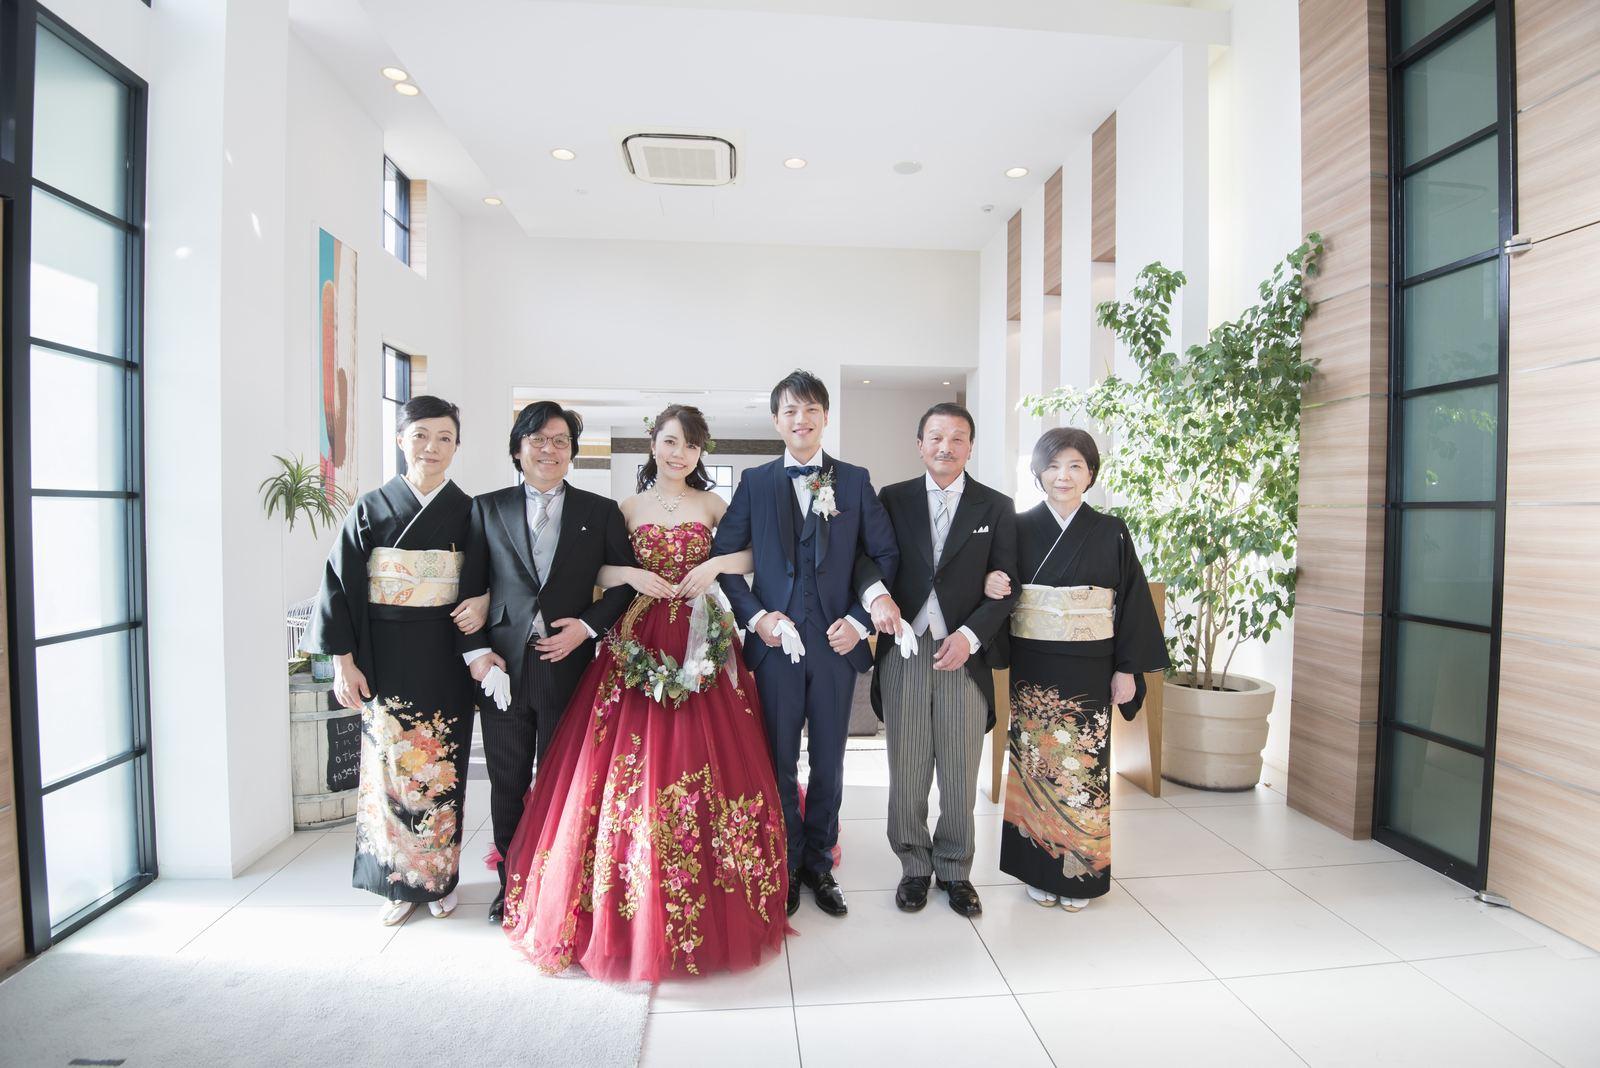 香川県の結婚式場シェルエメール&アイスタイル ご両家写真